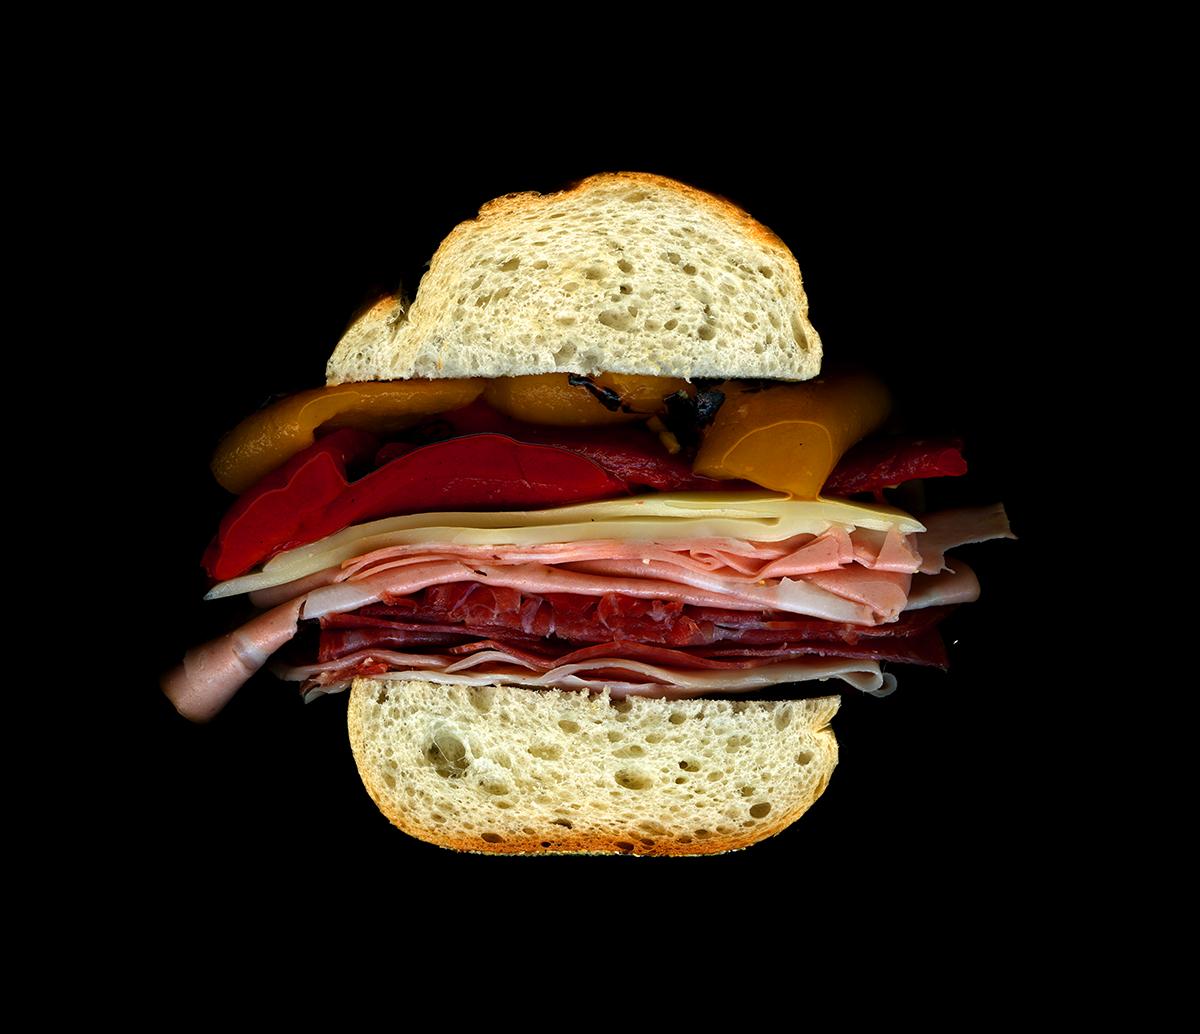 美味しそうなサンドウィッチの断面図2